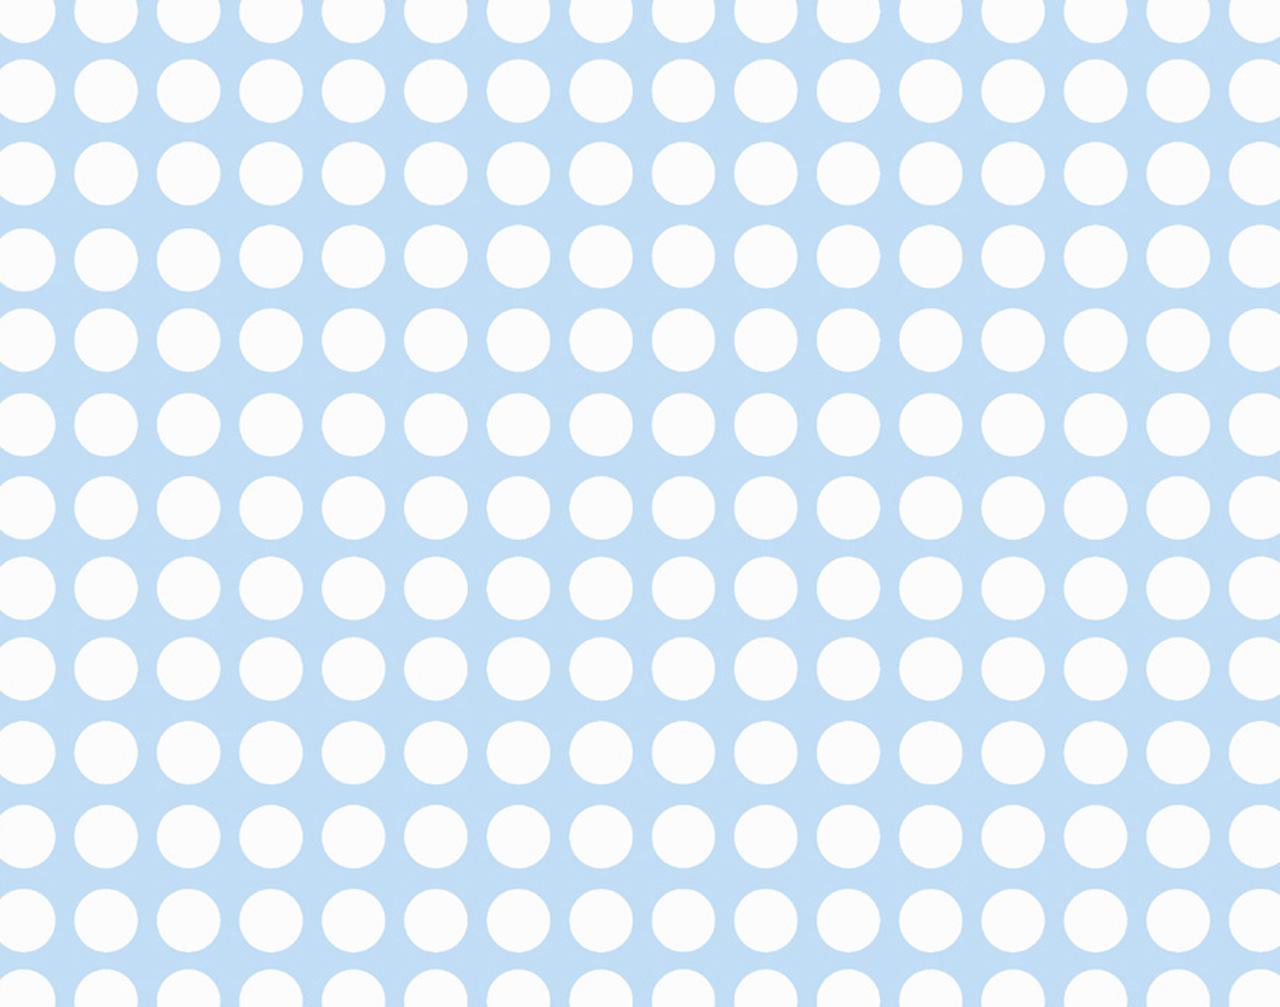 Light blue dots pattern PPT Backgrounds